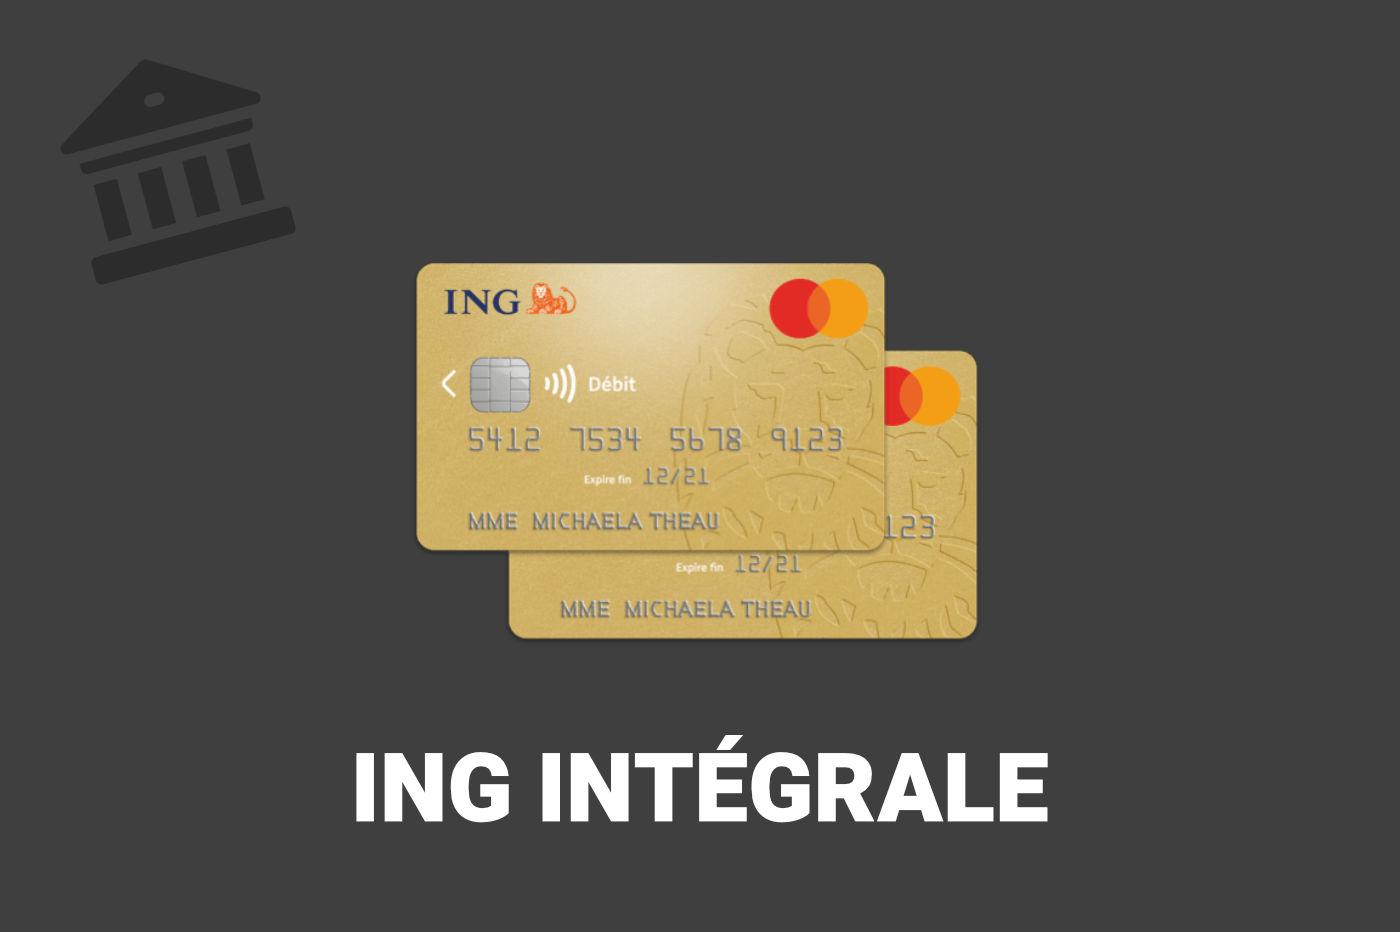 ING Intégrale